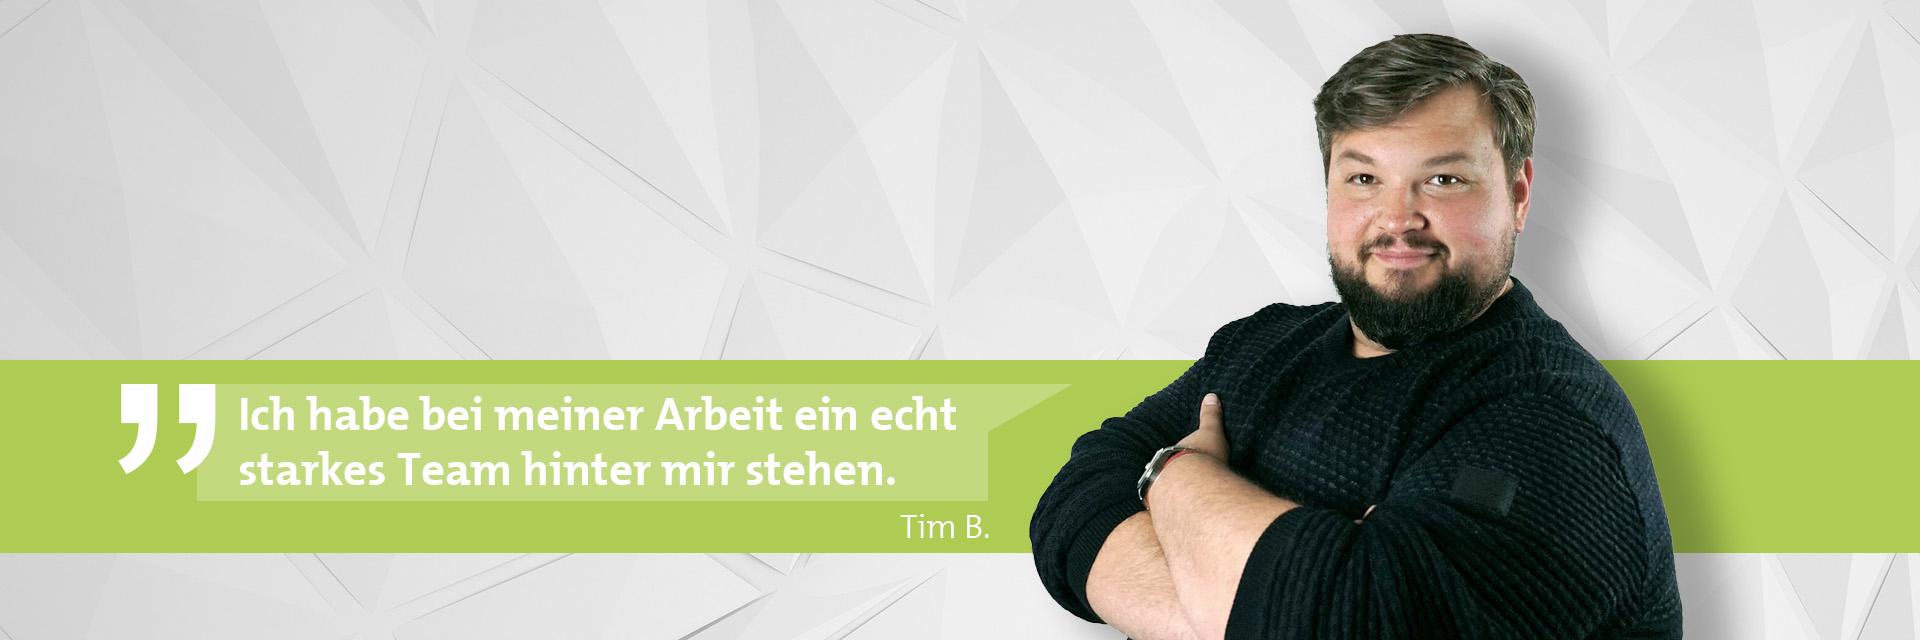 PKM-Banner_Tim